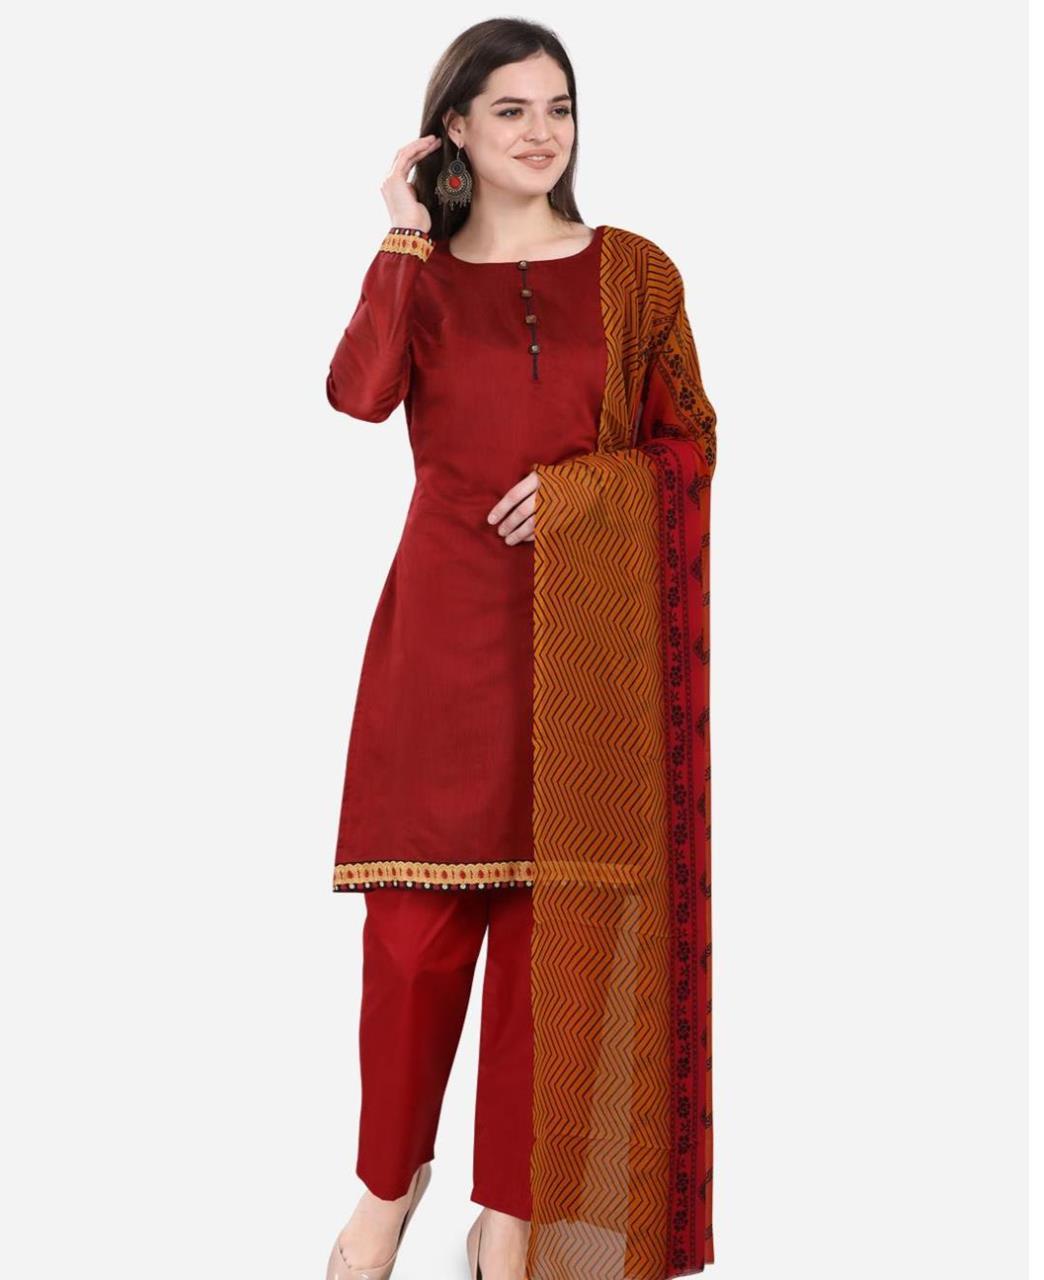 HandWorked Cotton Straight cut Salwar Kameez in Maroon